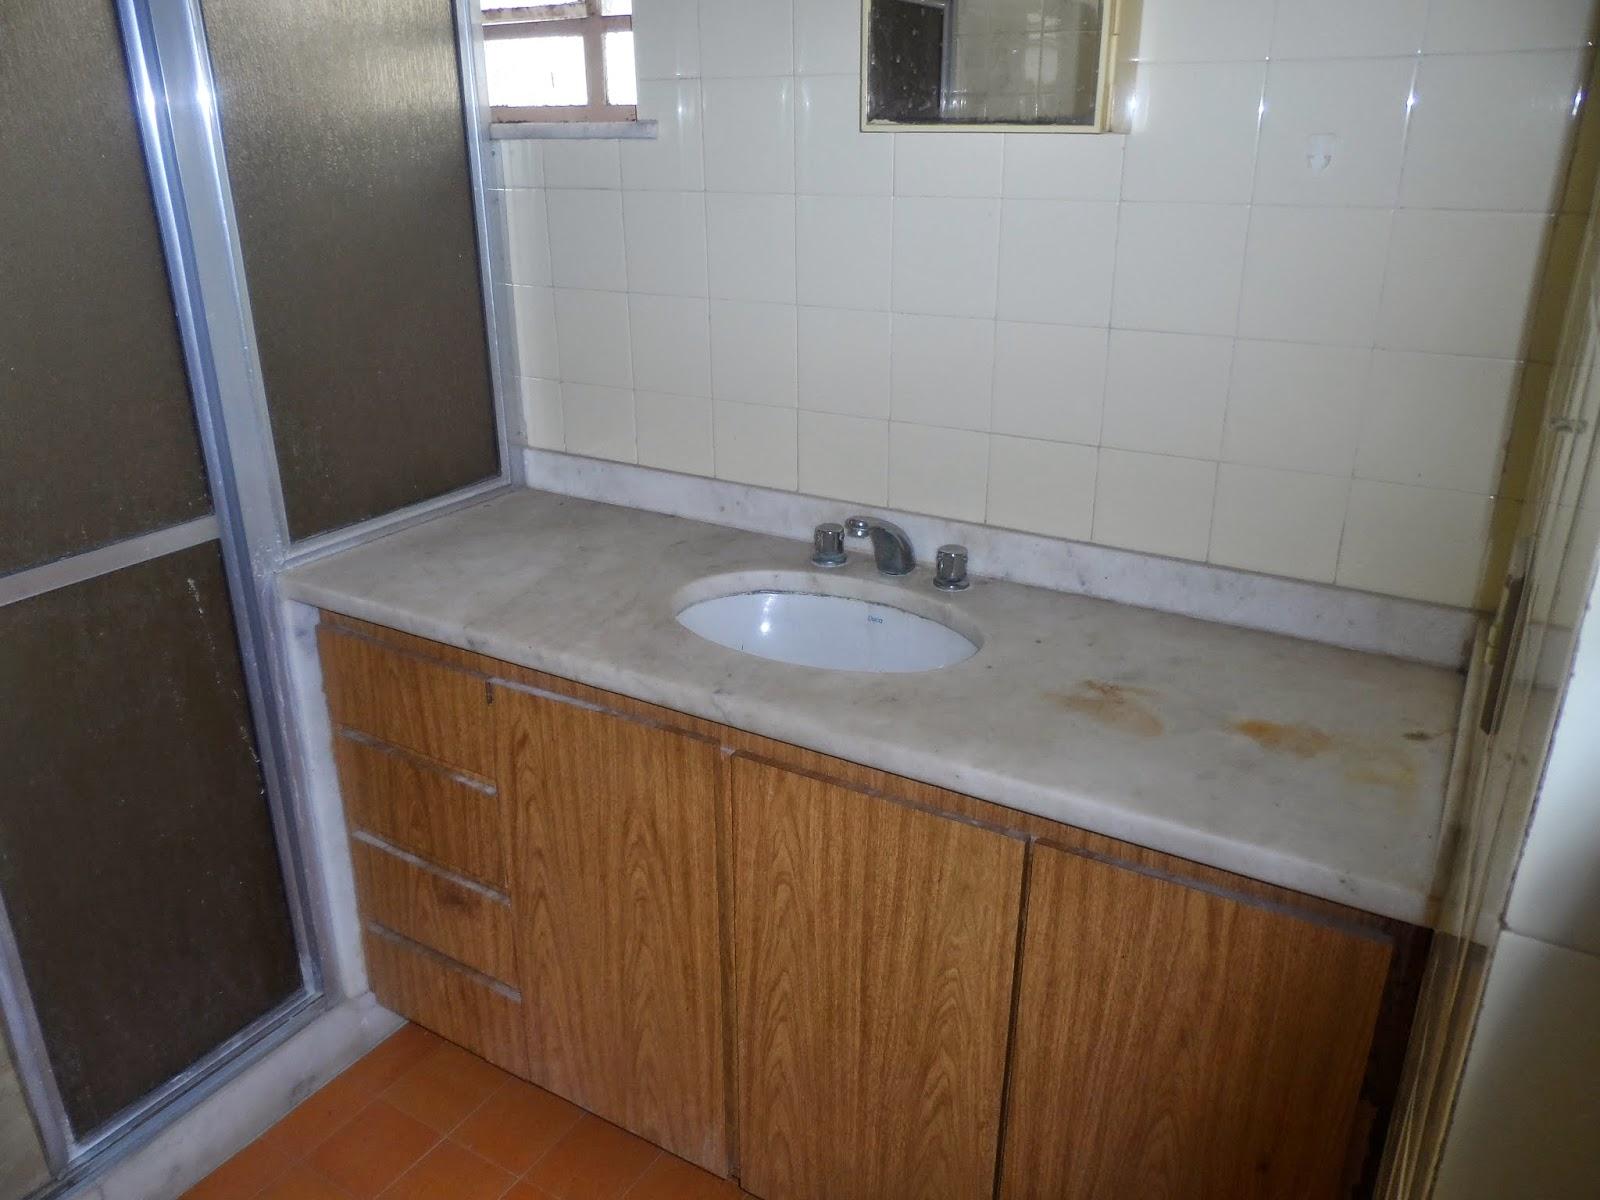 http://2.bp.blogspot.com/ ReginaSegura. arquitetura: Março 2015 #6D4425 1600x1200 Banheiro Da Suite Do Casal